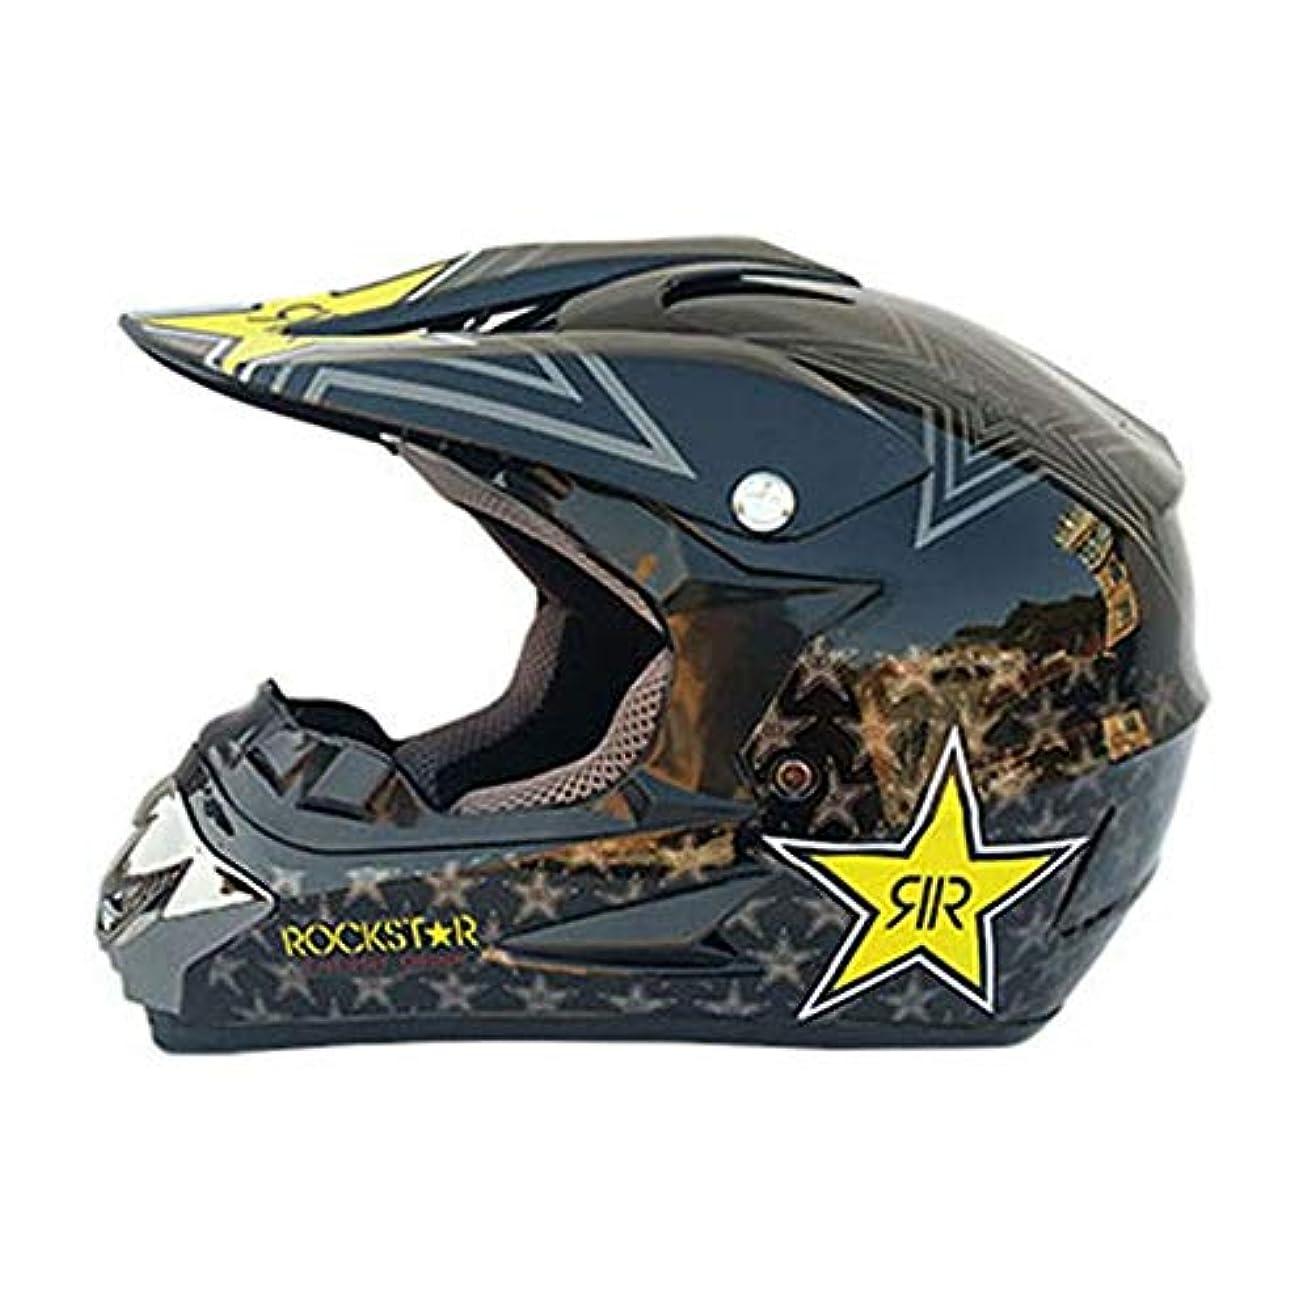 岸借りるメナジェリーTOMSSL高品質 モトクロスヘルメットオートバイヘルメット四季普遍的なプロバイクオフロードヘルメットダウンヒル安全レーシングヘルメット - 黒 - 黄色 - パターン - 大 TOMSSL高品質 (Size : L)